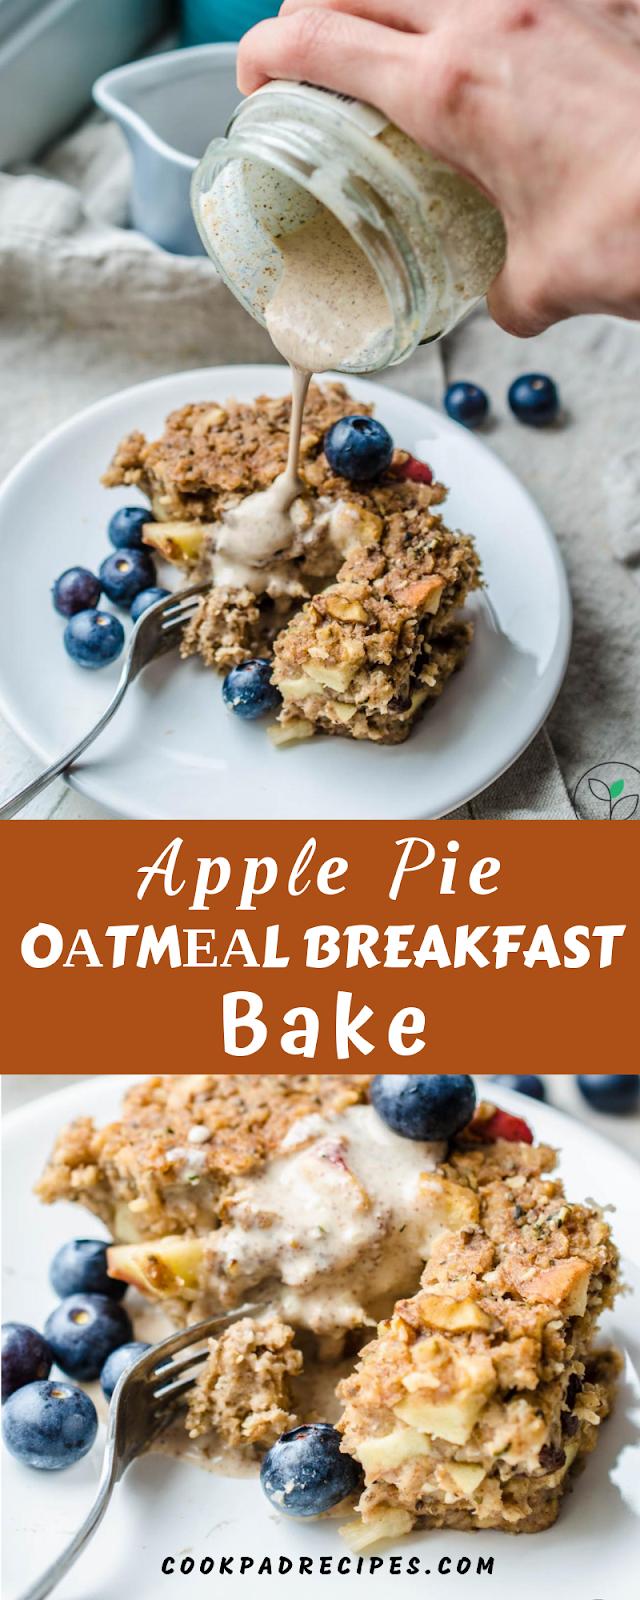 Healthy Apple Pie Oatmeal Breakfast Bake- Breakfast, Brunch & Dessert Are Served.